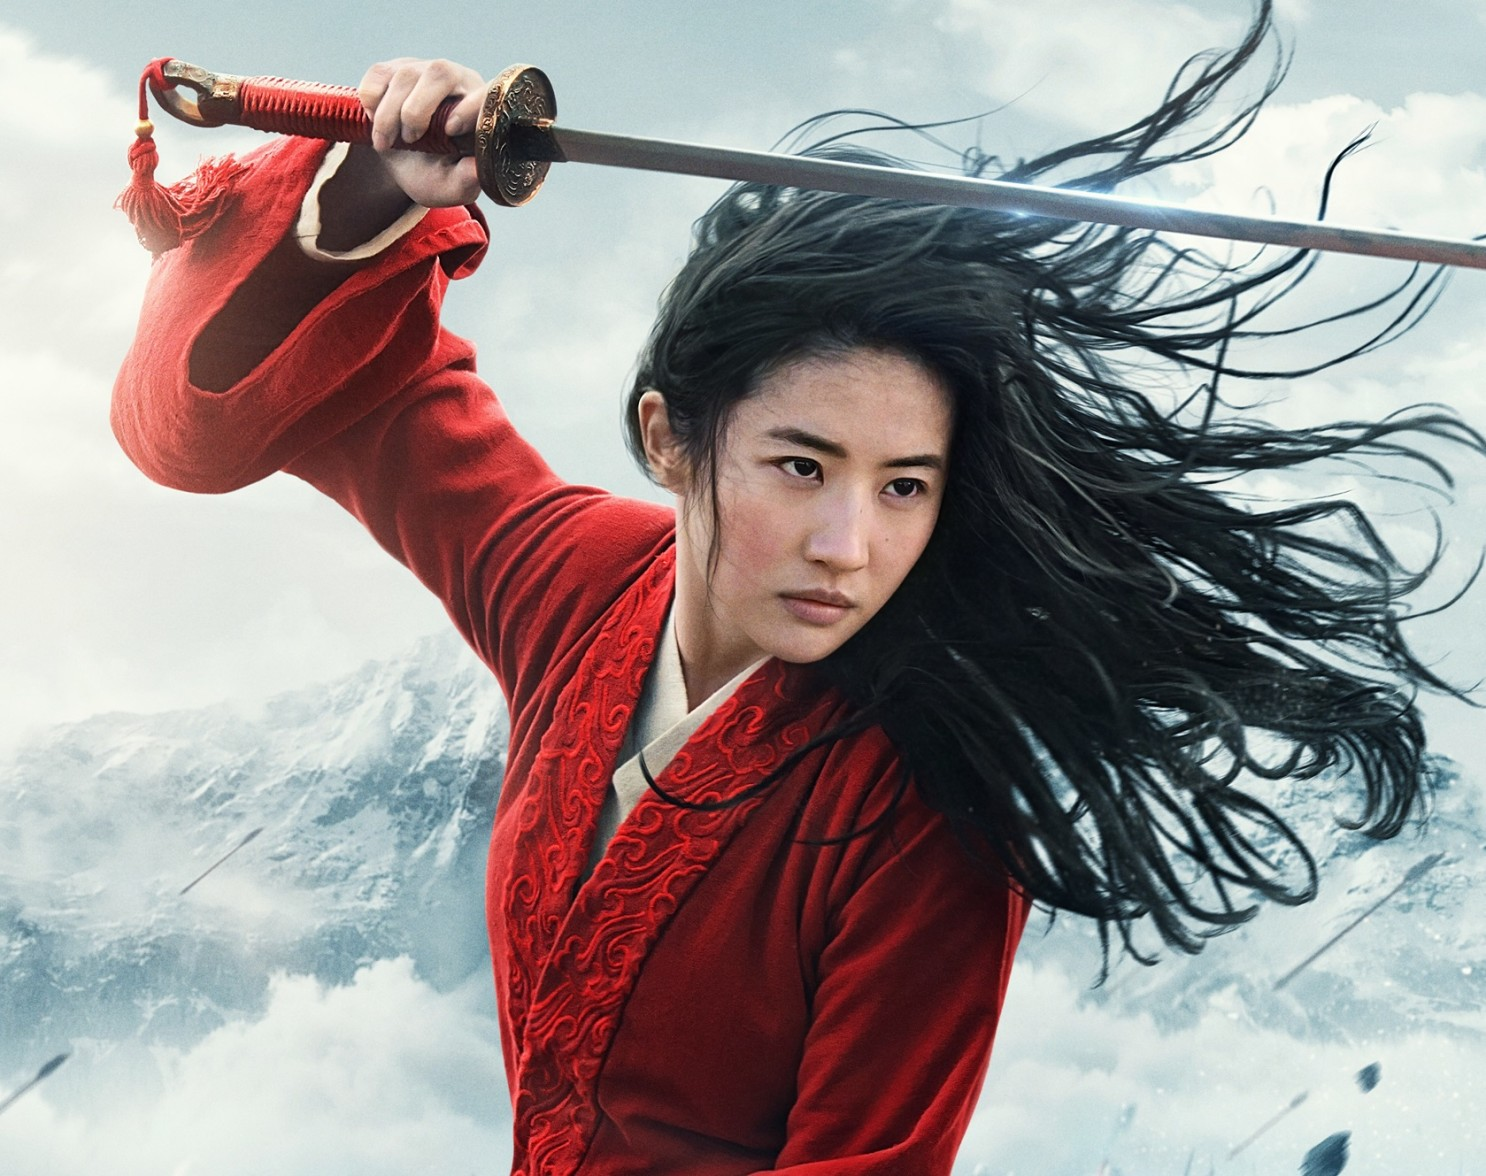 「花木蘭」真人版由劉亦菲等知名華人影星擔綱演出。迪士尼提供